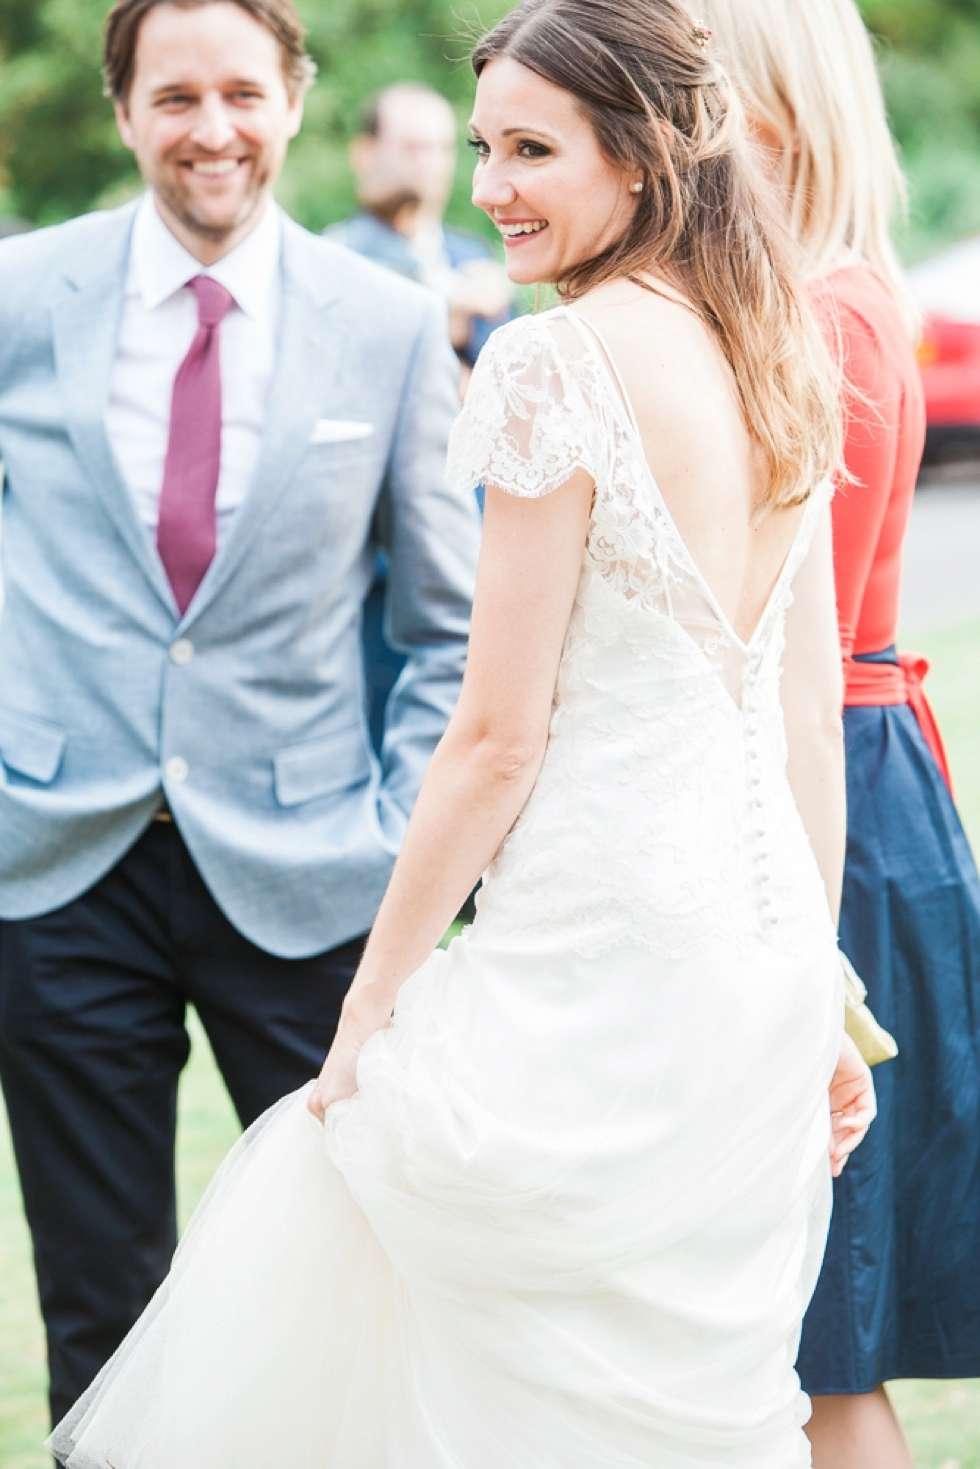 Wedding-at-Lainston-House-Hotel-Hampshire-0071